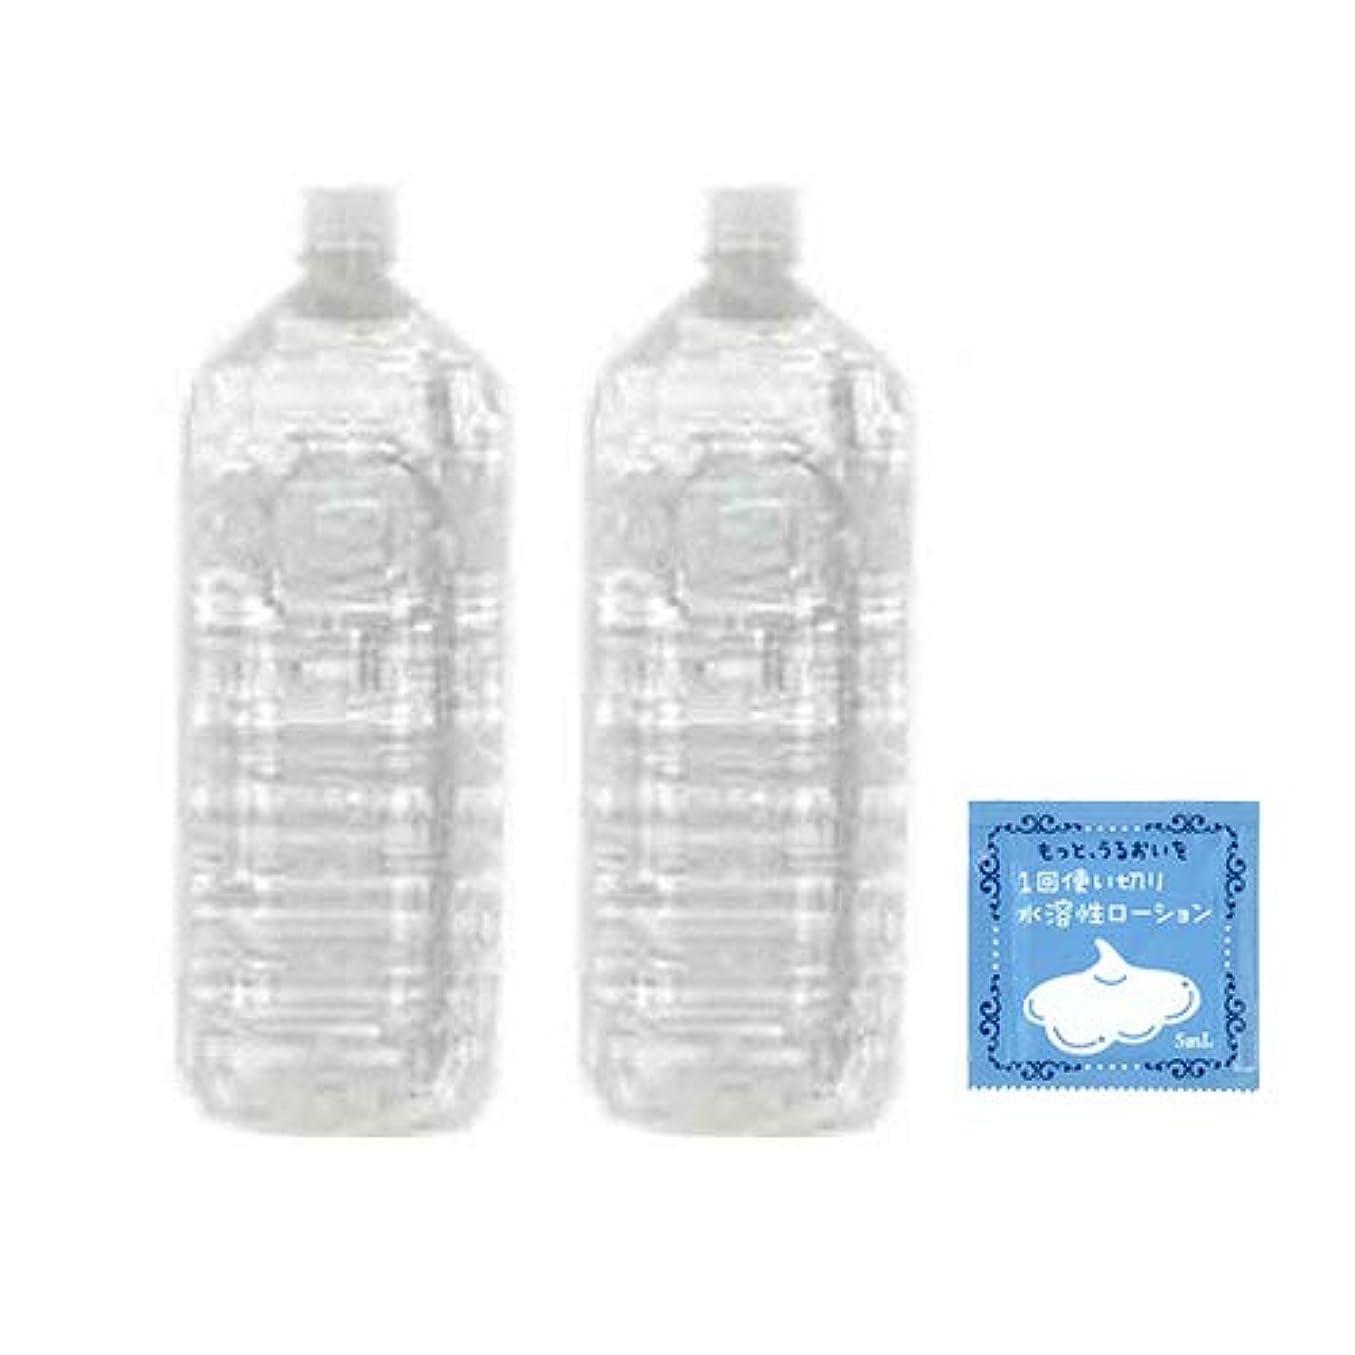 差し引くラフトどれでもクリアローション 2Lペットボトル ハードタイプ(5倍濃縮原液) × 2本セット + 1回使い切り水溶性潤滑ローション